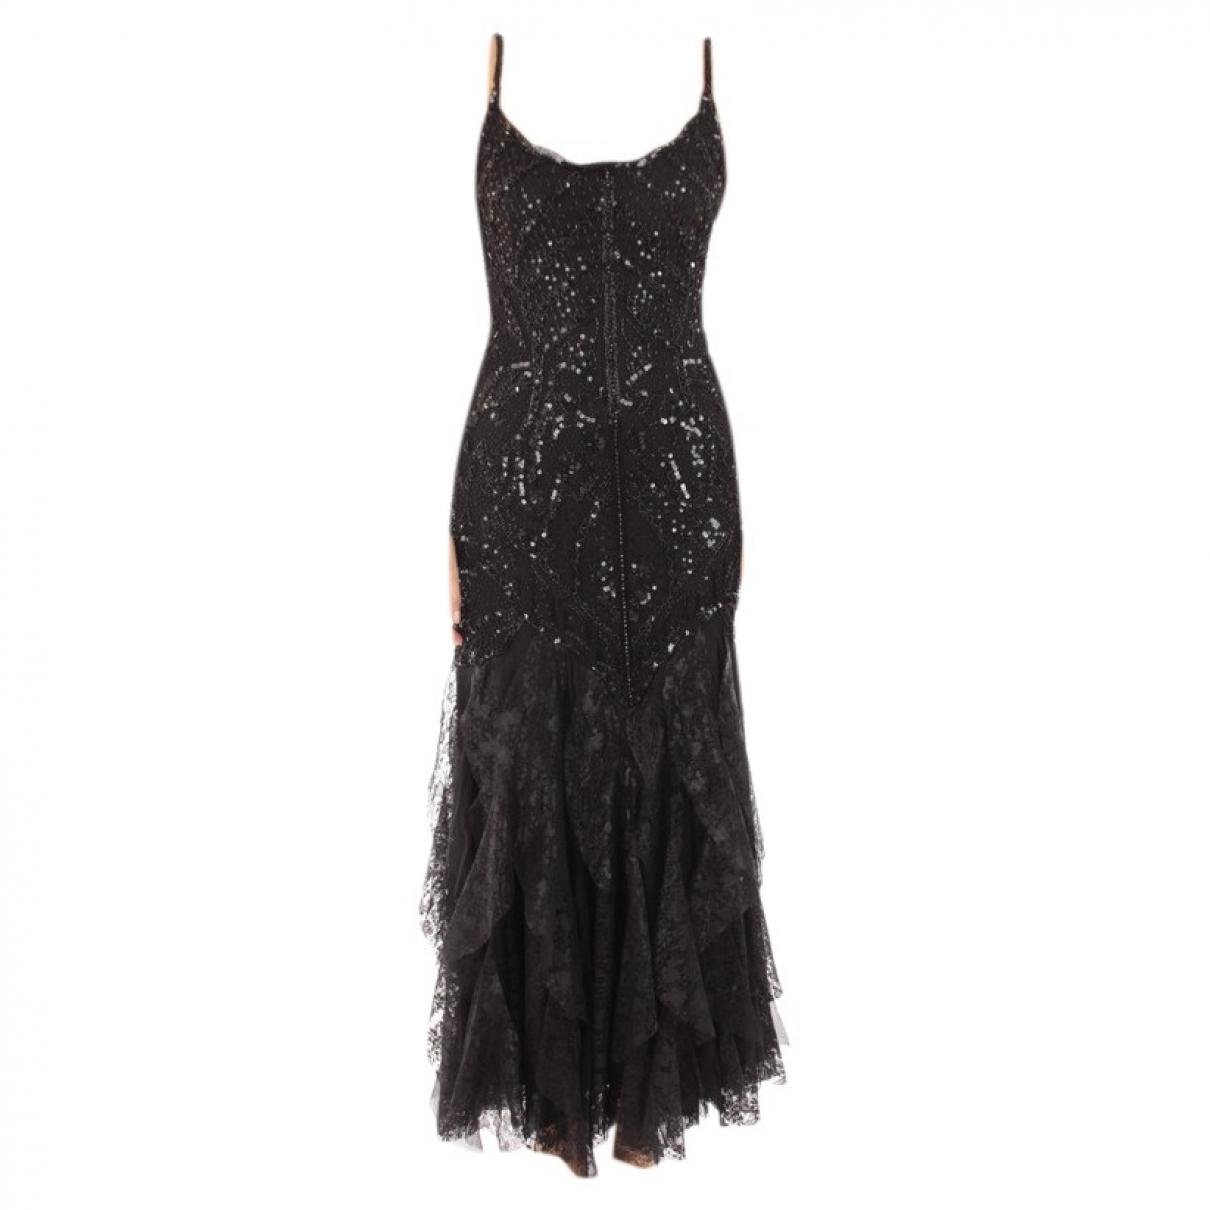 Autre Marque \N Kleid in  Schwarz Polyester